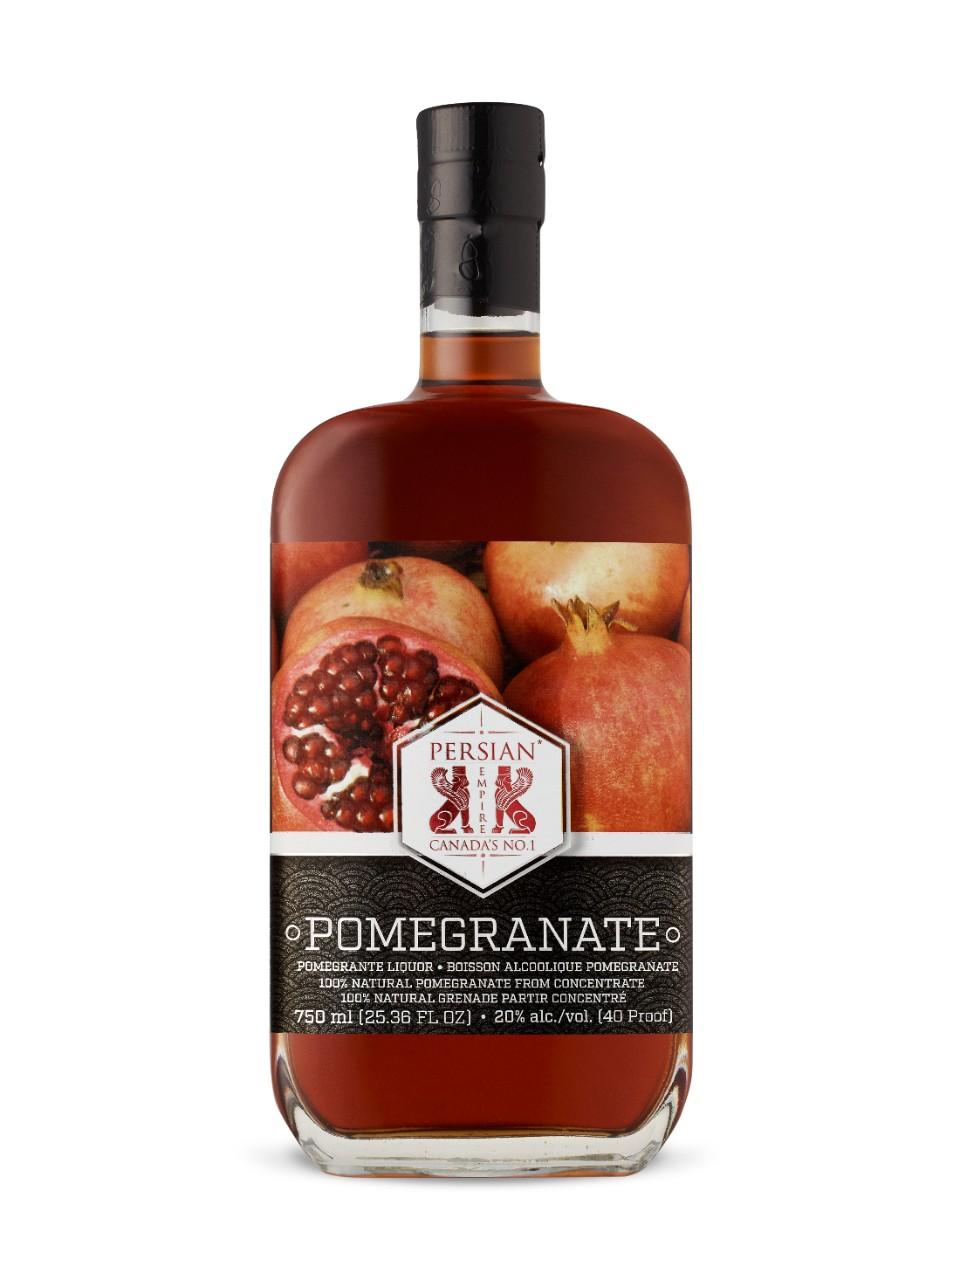 Persian Empire Pome Liquor Lcbo